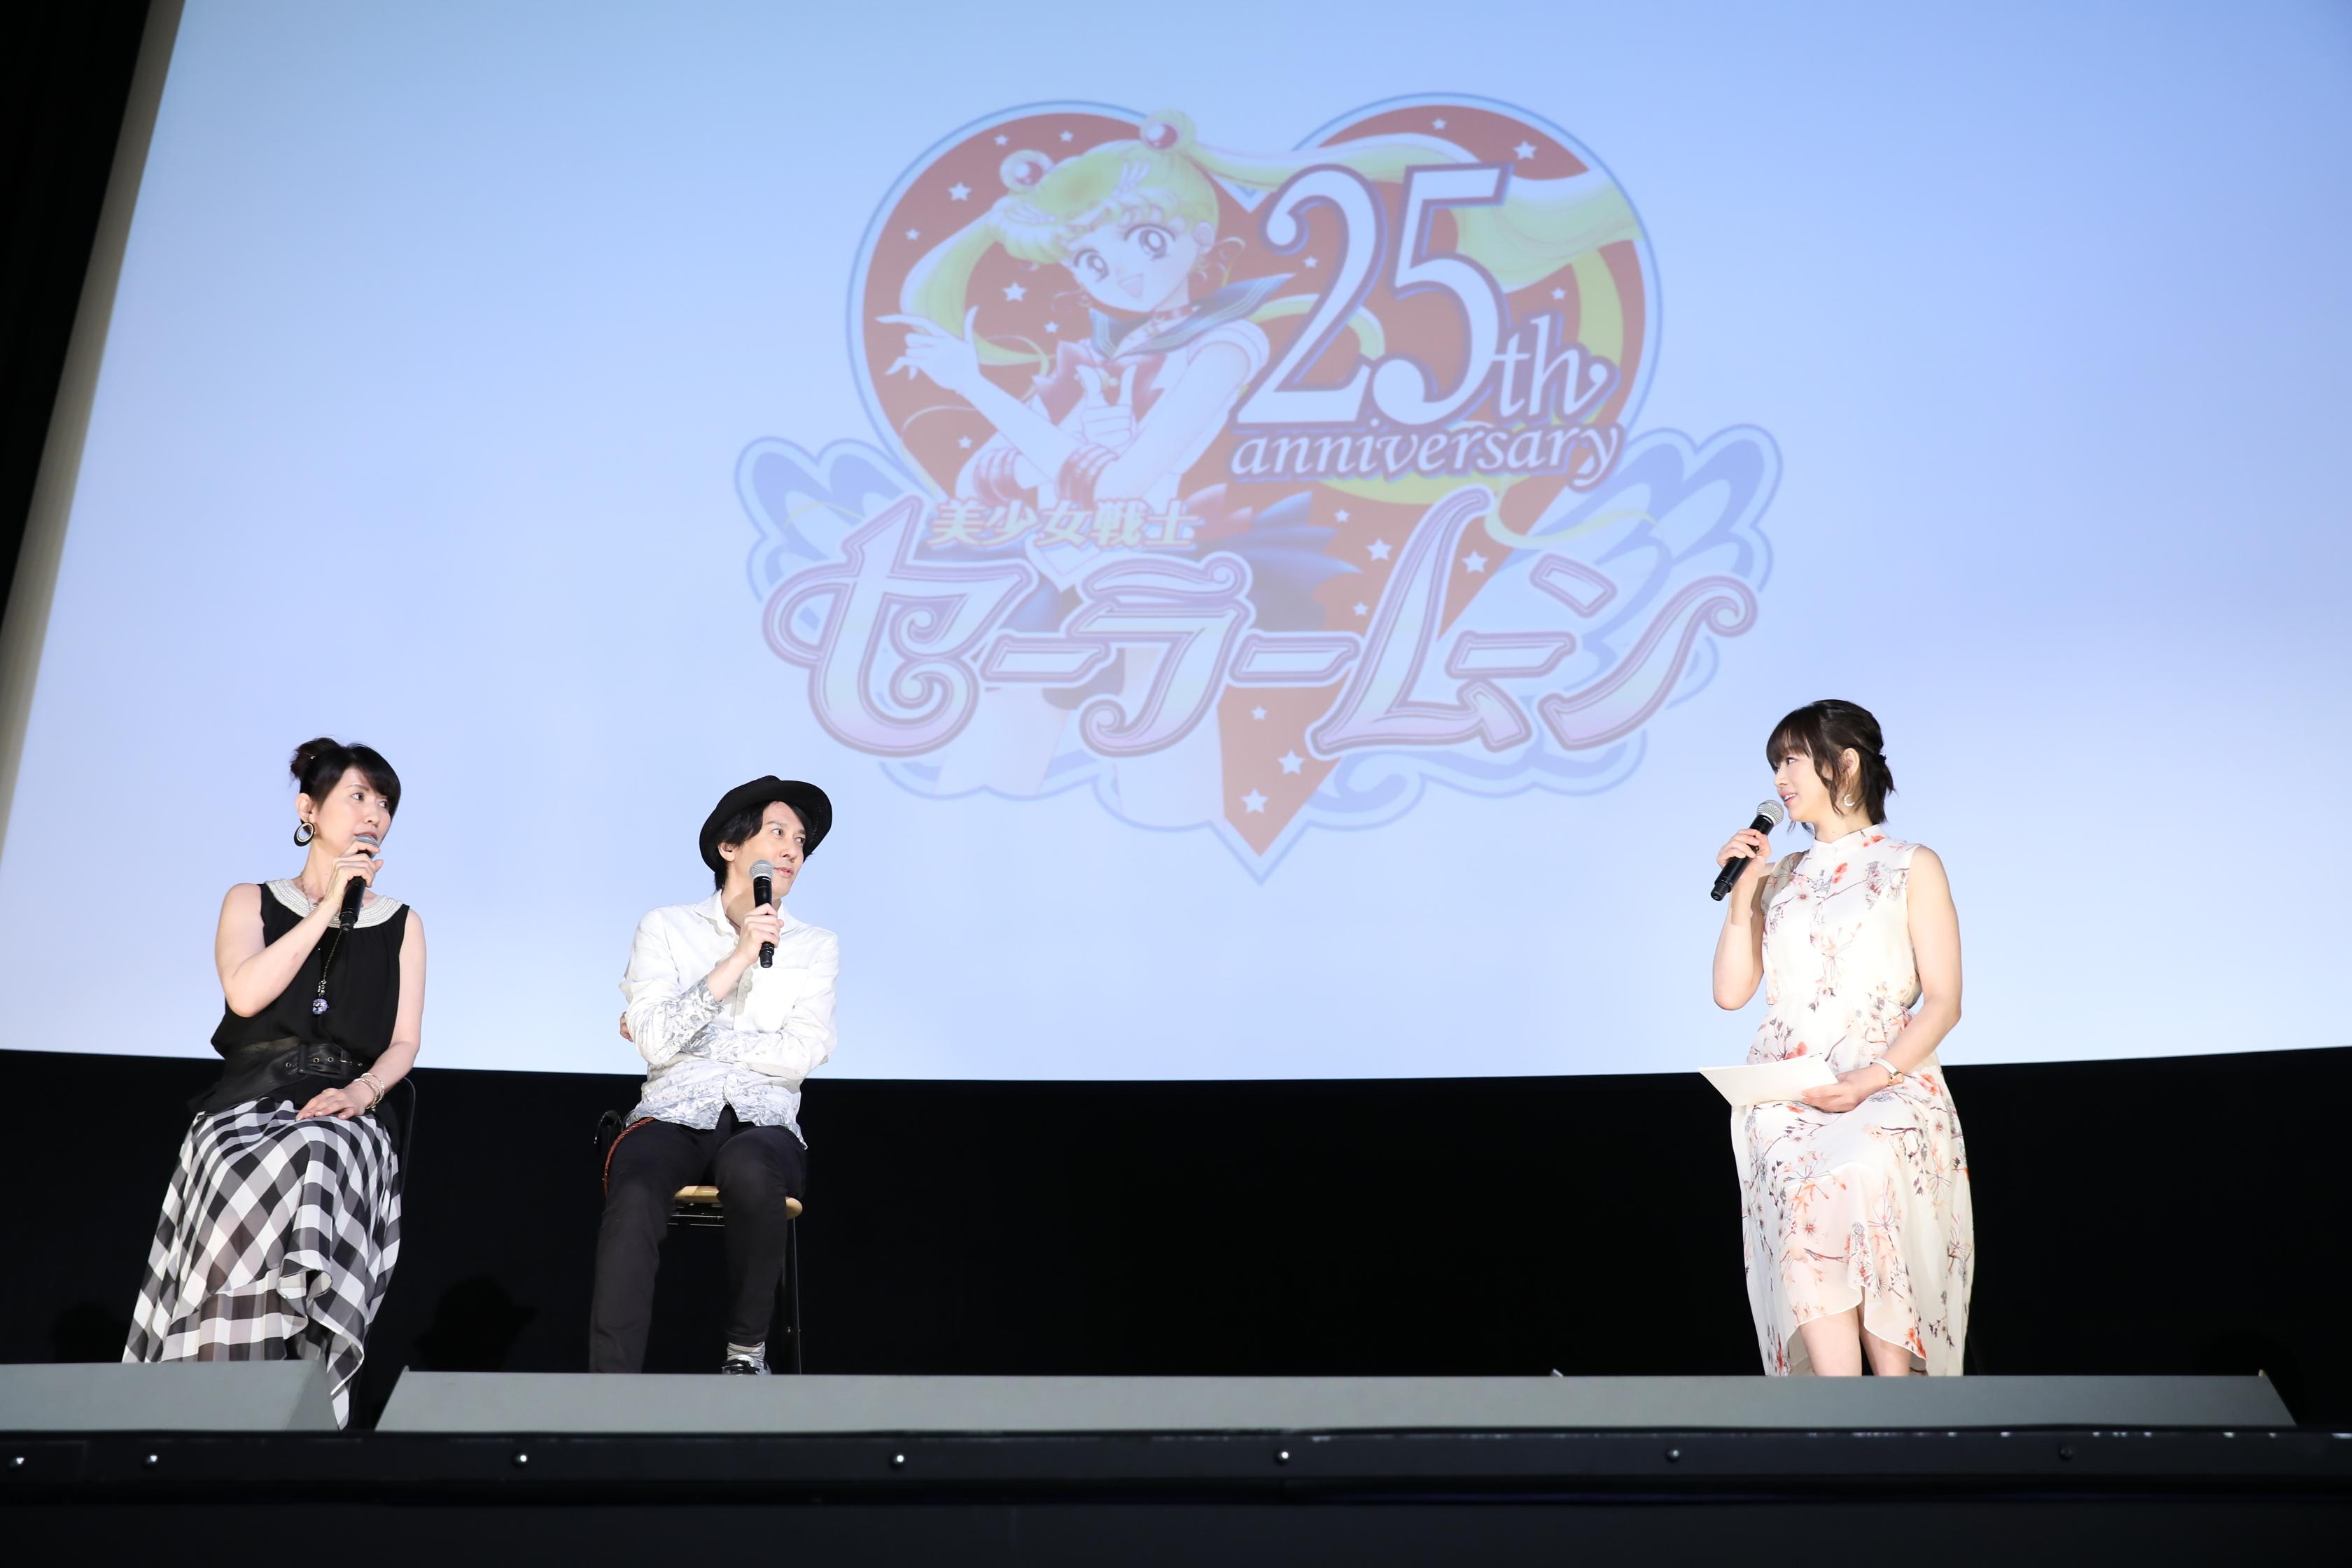 (C)Naoko Takeuchi (C)武内直子・PNP・東映アニメーション